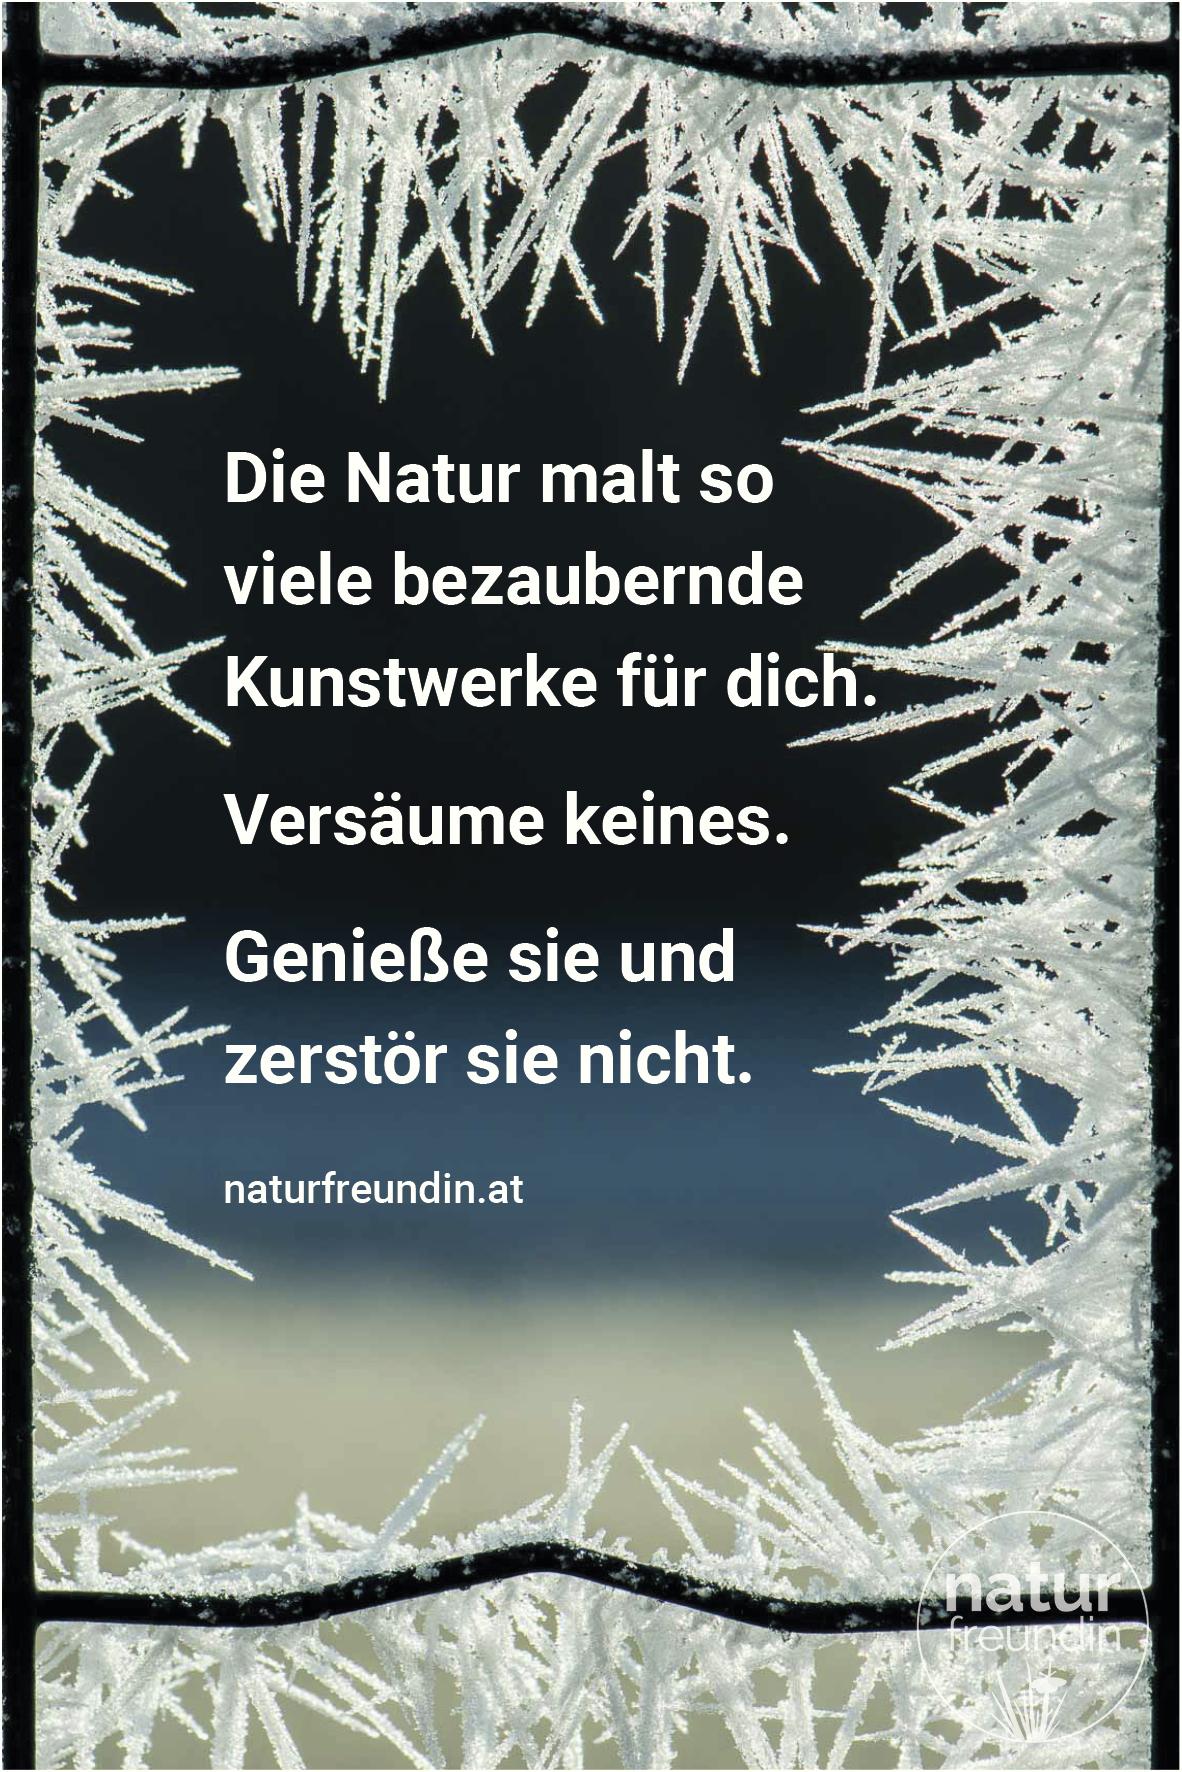 Die Natur malt so viele bezaubernde Kunstwerke für dich. Versäume keines. Genieße sie und zerstör sie nicht.